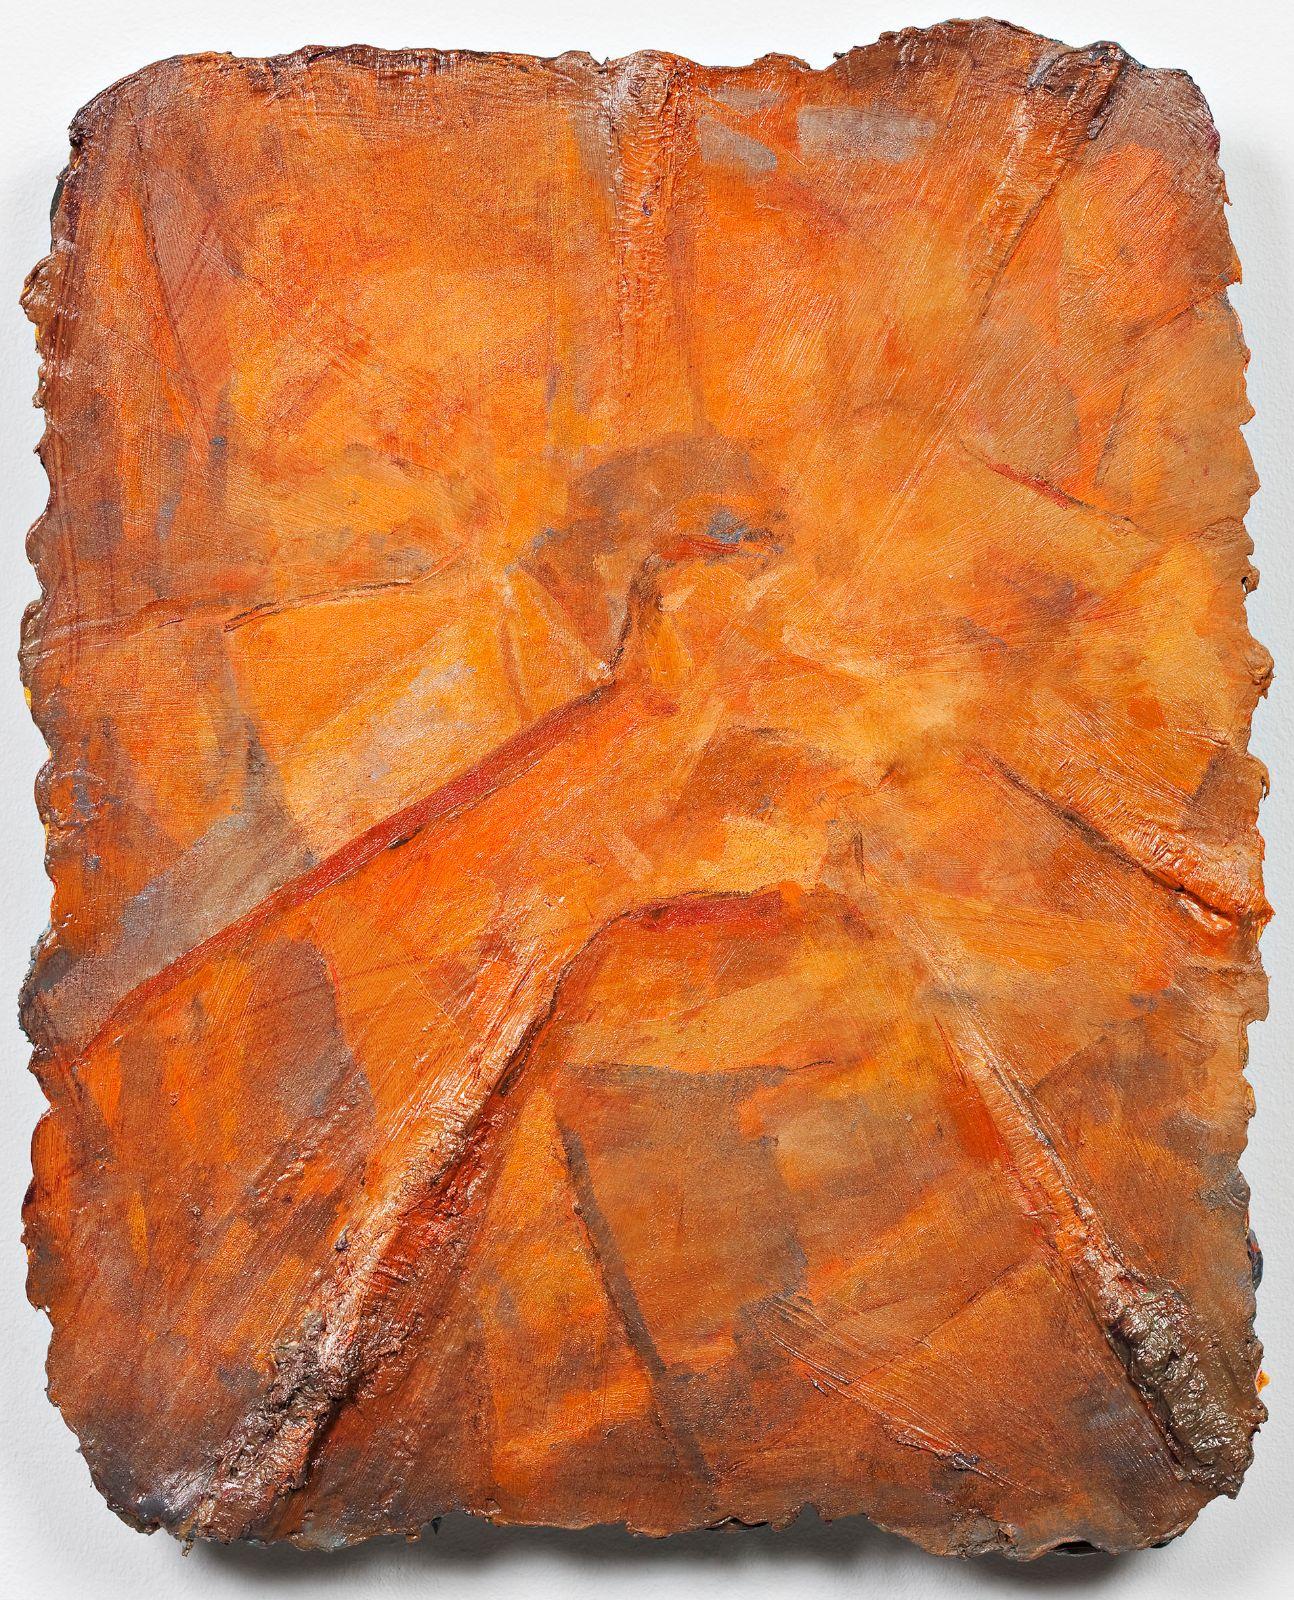 Studie til et ideelt hode (Manneristen), 2009, oil on canvas on panel, 42 x 34 cm